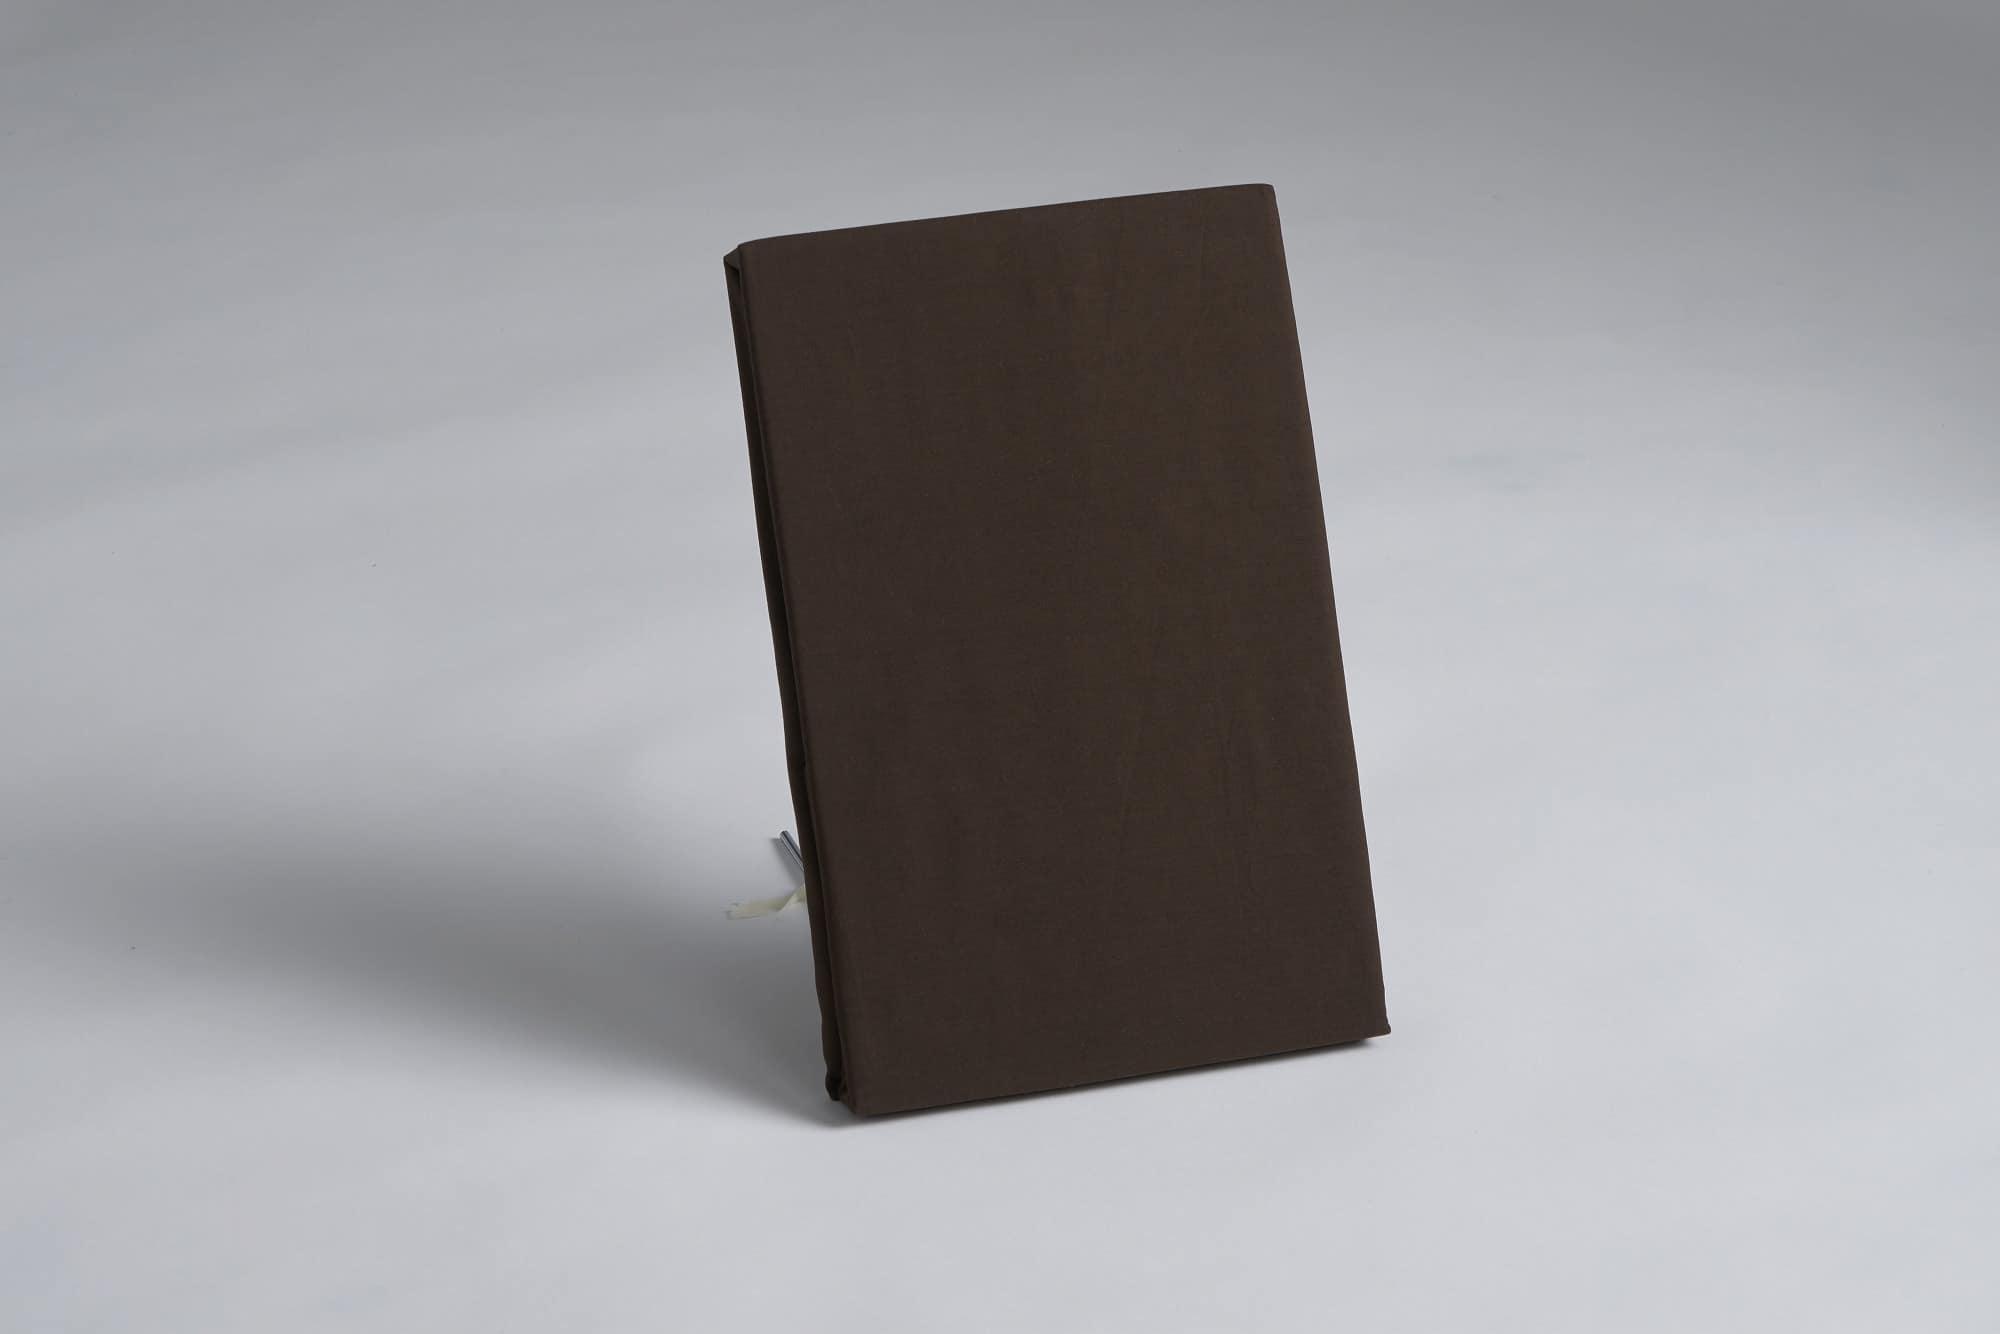 ボックスシーツ シングル用 30H ブラウン